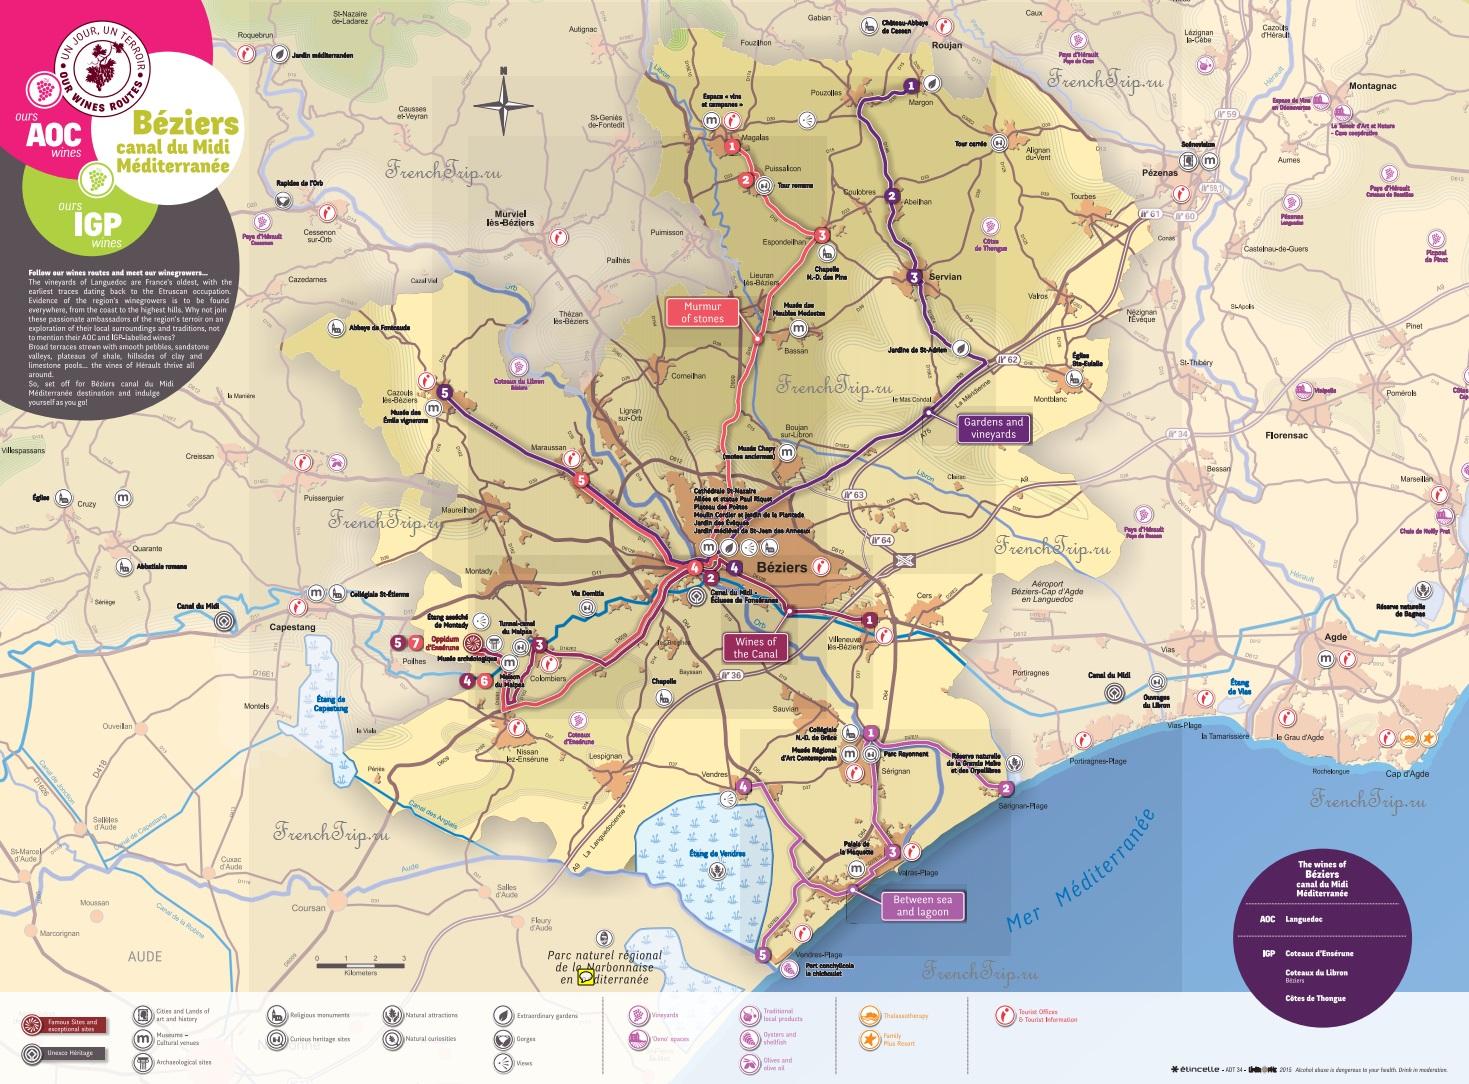 Туристические маршруты в окрестностях Безье - достопримечательности Безье, Франция - путеводитель по городу, винная дорога Безье